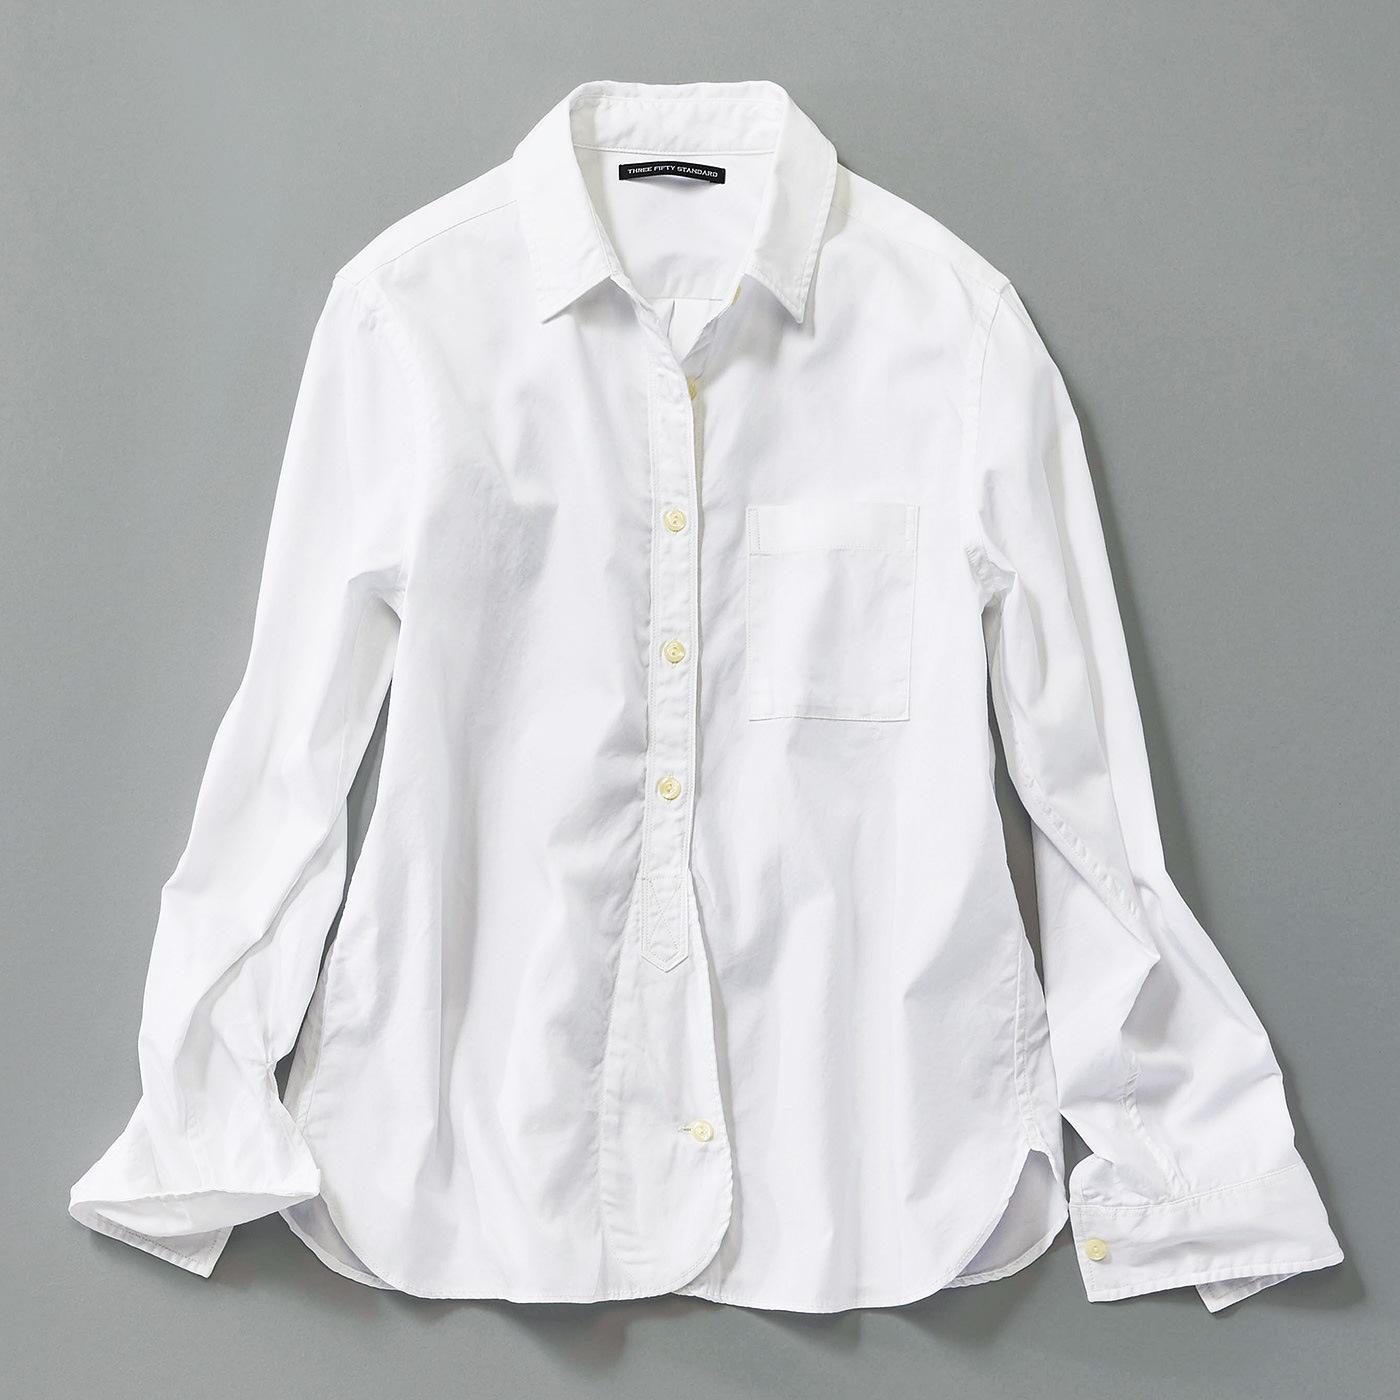 フェリシモ THREE FIFTY STANDARD スタンダードオックスフォードシャツ〈ホワイト〉